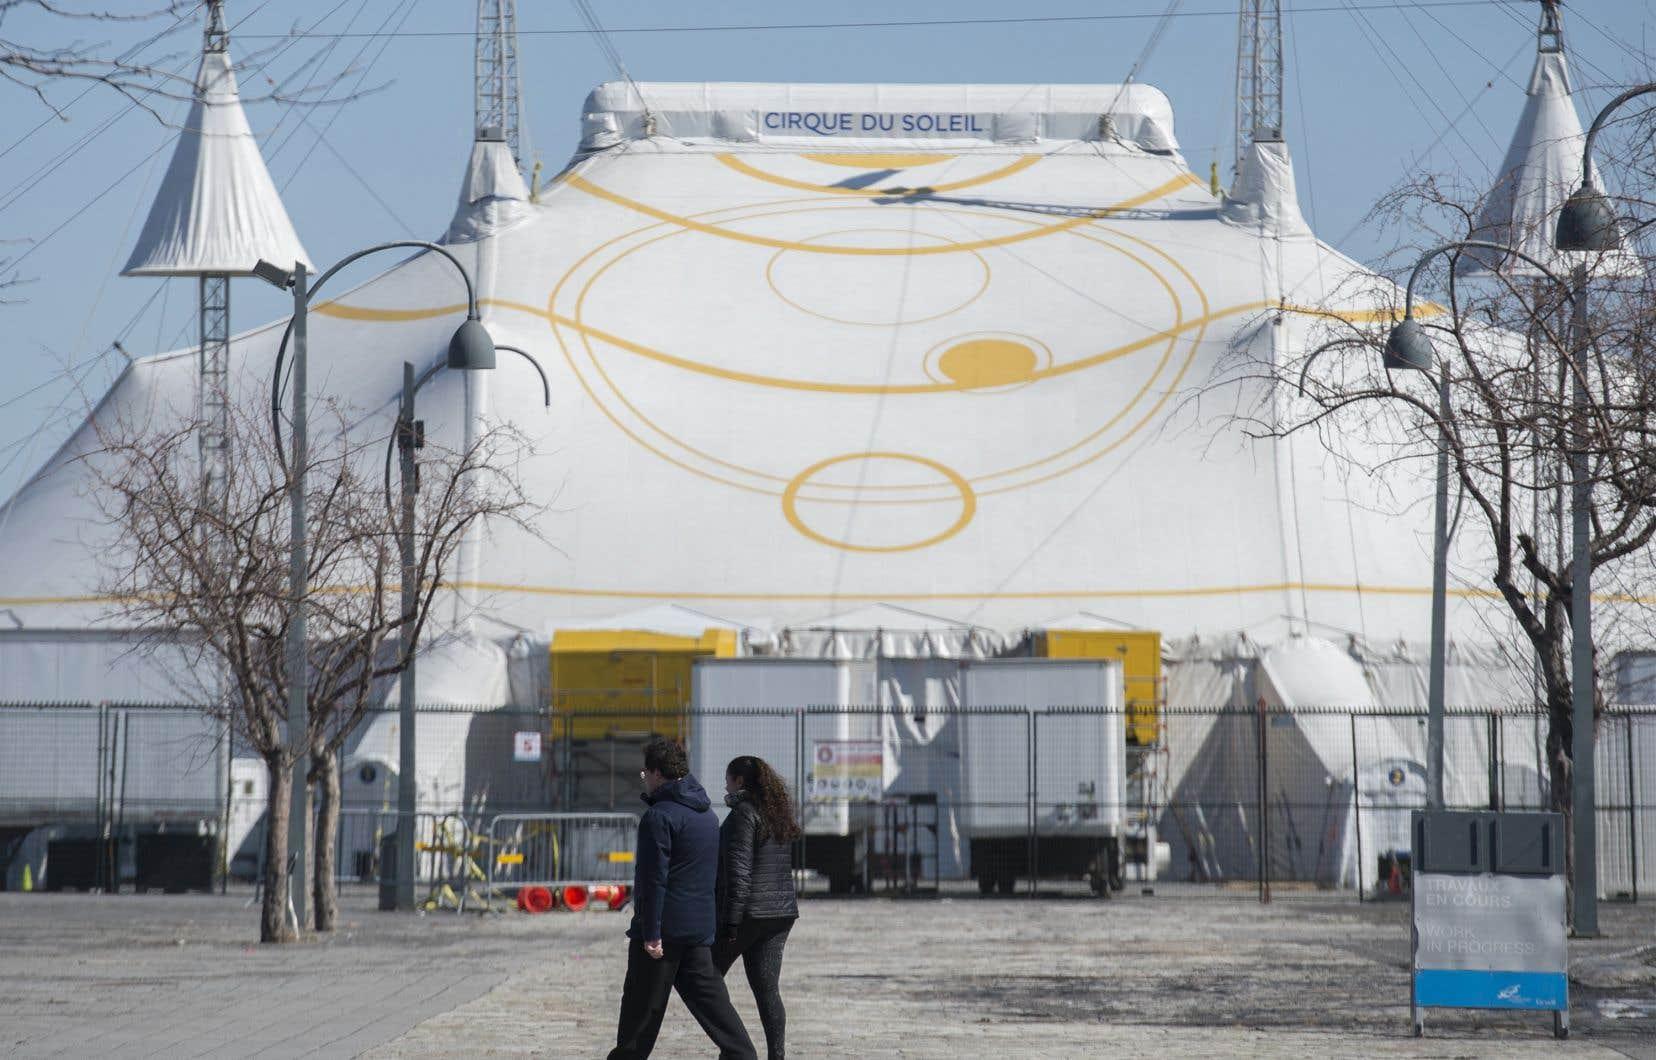 Le Cirque du Soleilse penche sur un plan d'affaires visant à préparer la reprise et qui sera présenté à ses actionnaires au terme d'une recapitalisation qui s'échelonnera sur plusieurs mois.